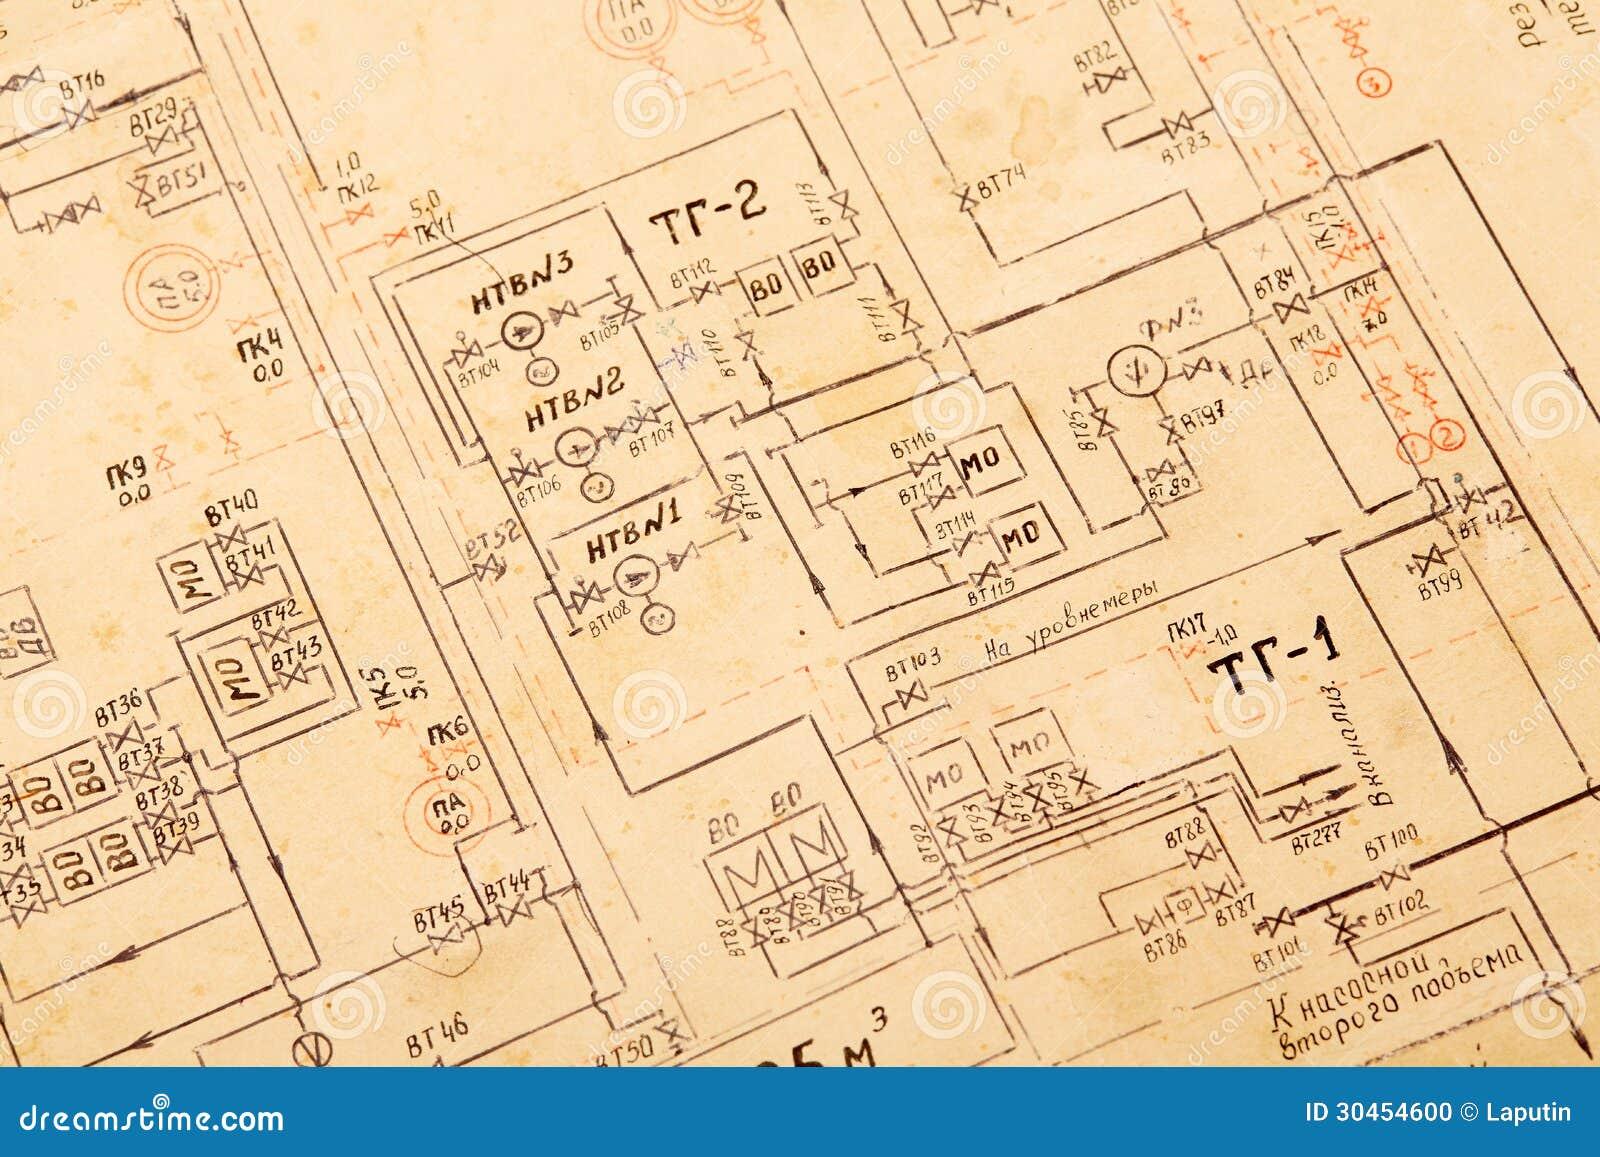 Blueprint background stock photo image of industry nobody 30454600 blueprint background malvernweather Images